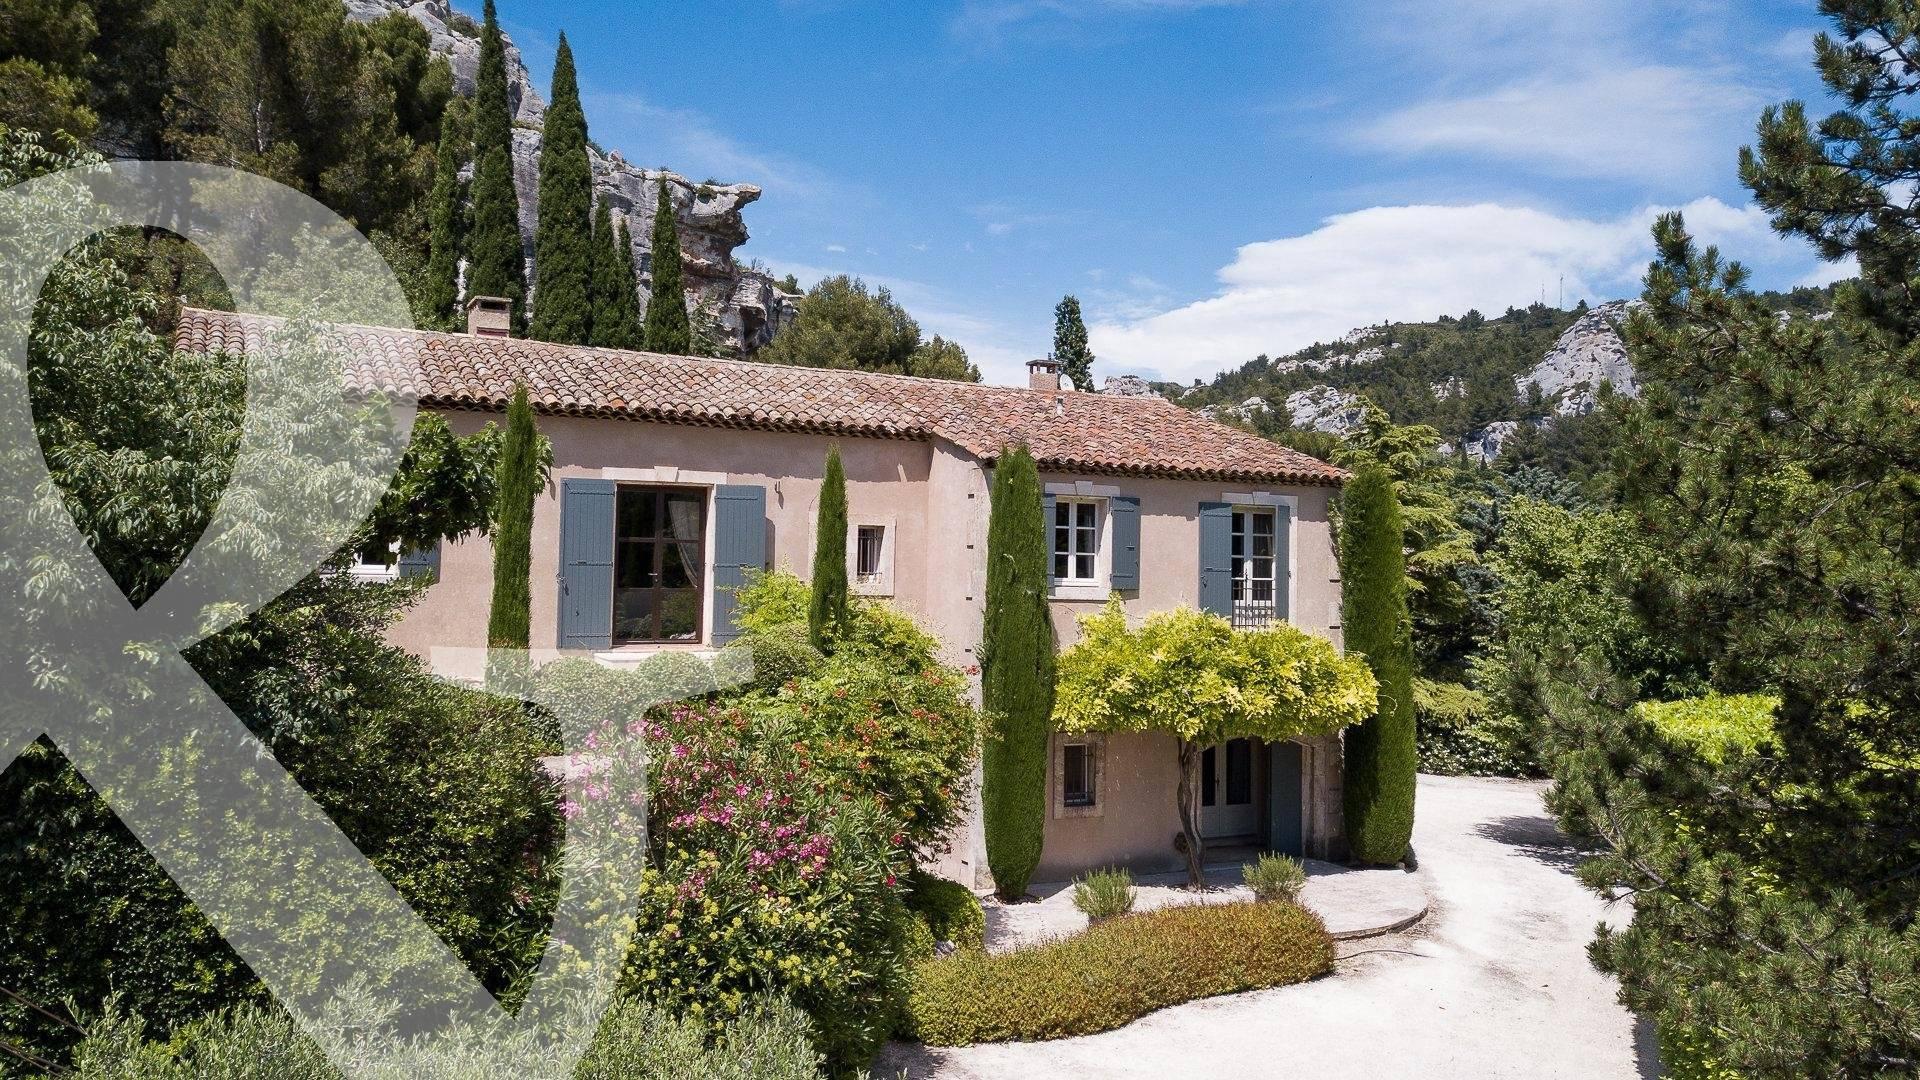 1 18 Les Baux-de-Provence